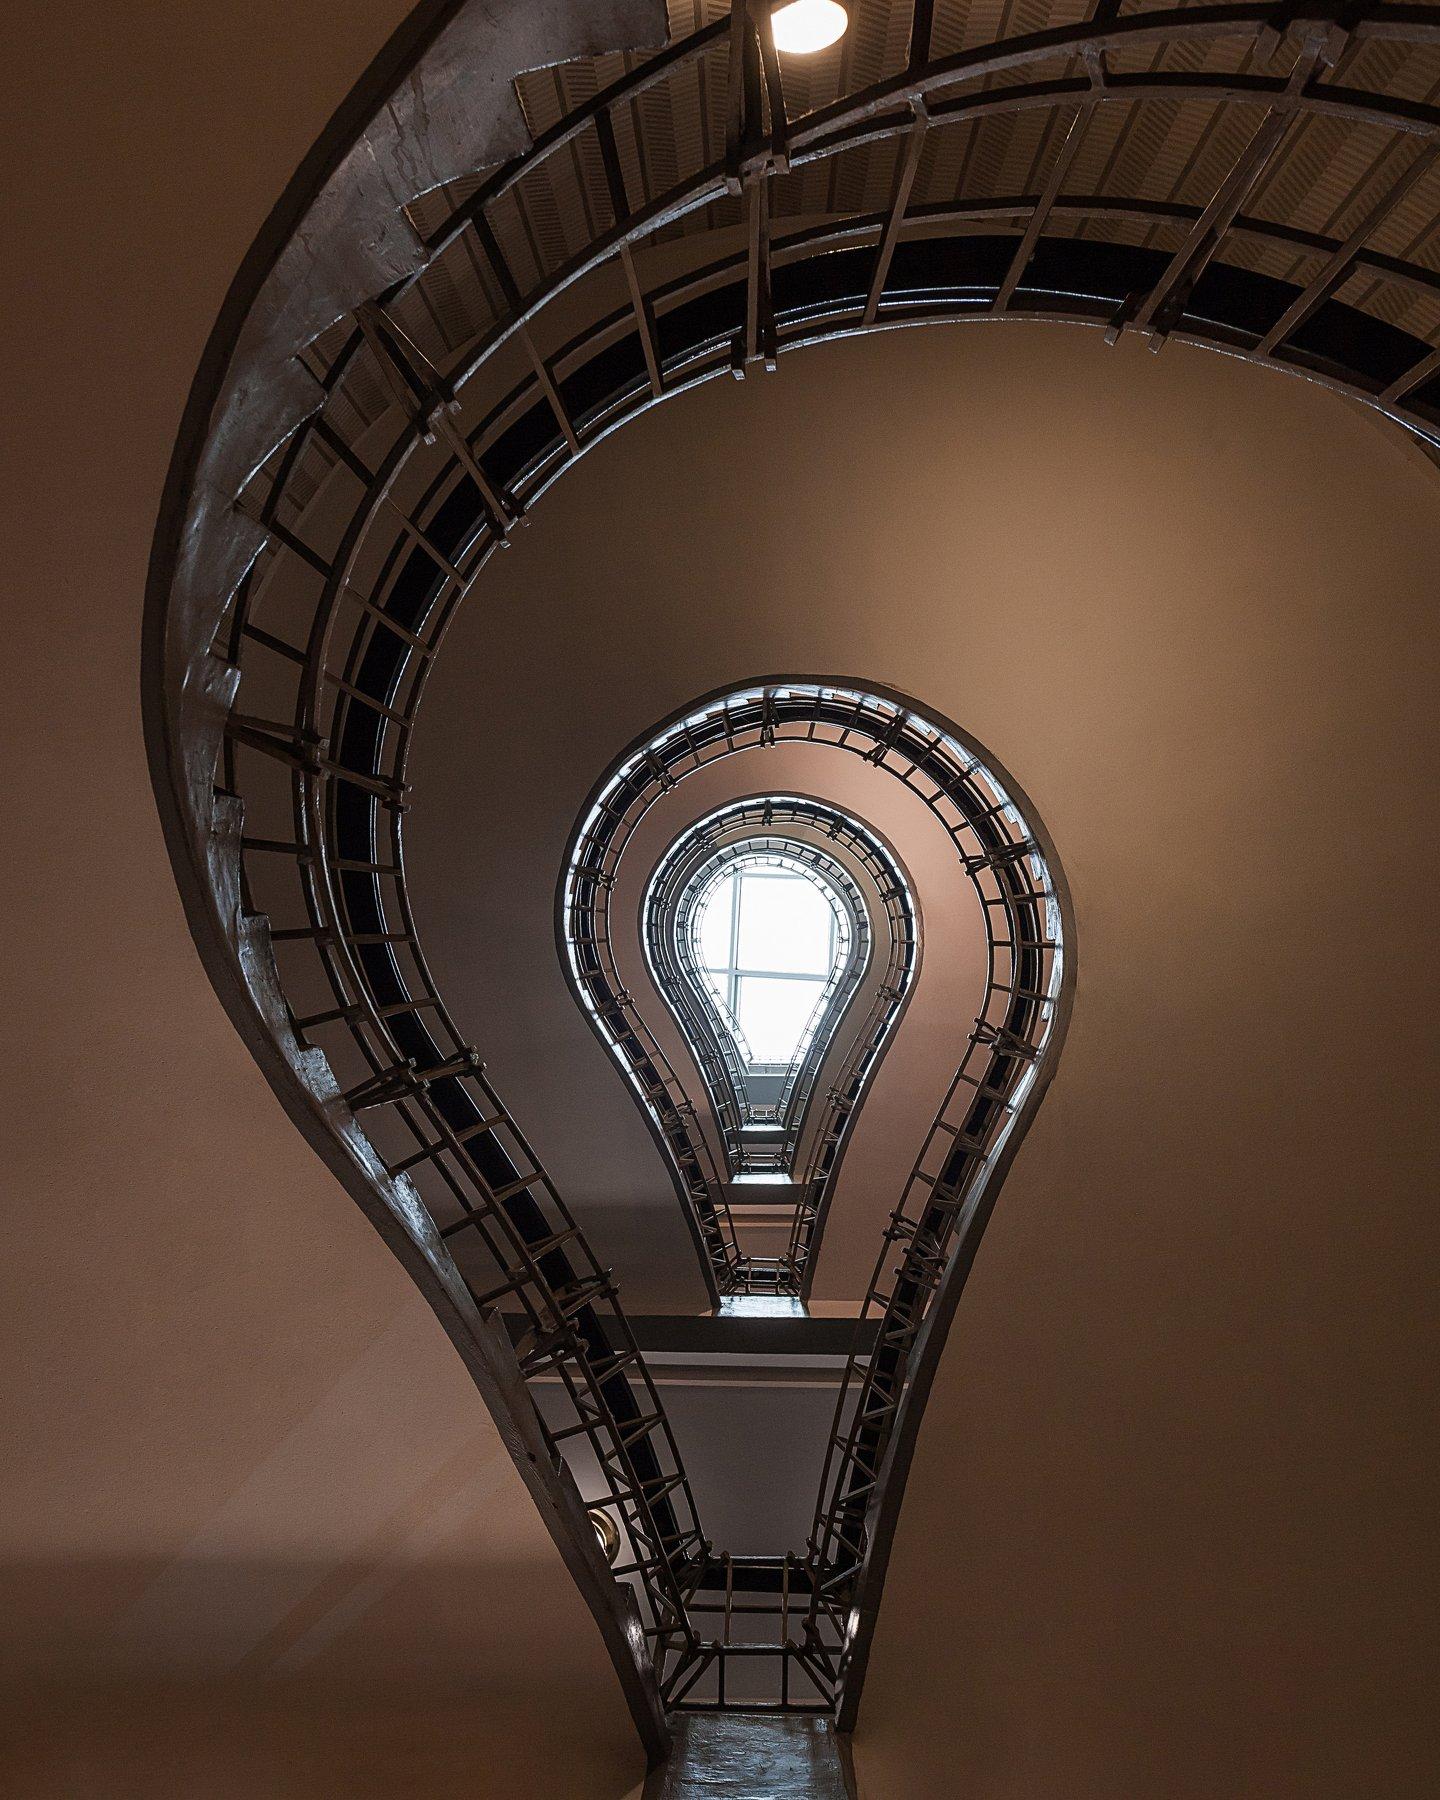 лестница, свет, архитектура, лампочка, парадные, паттерны, прага, Павлова Лилия